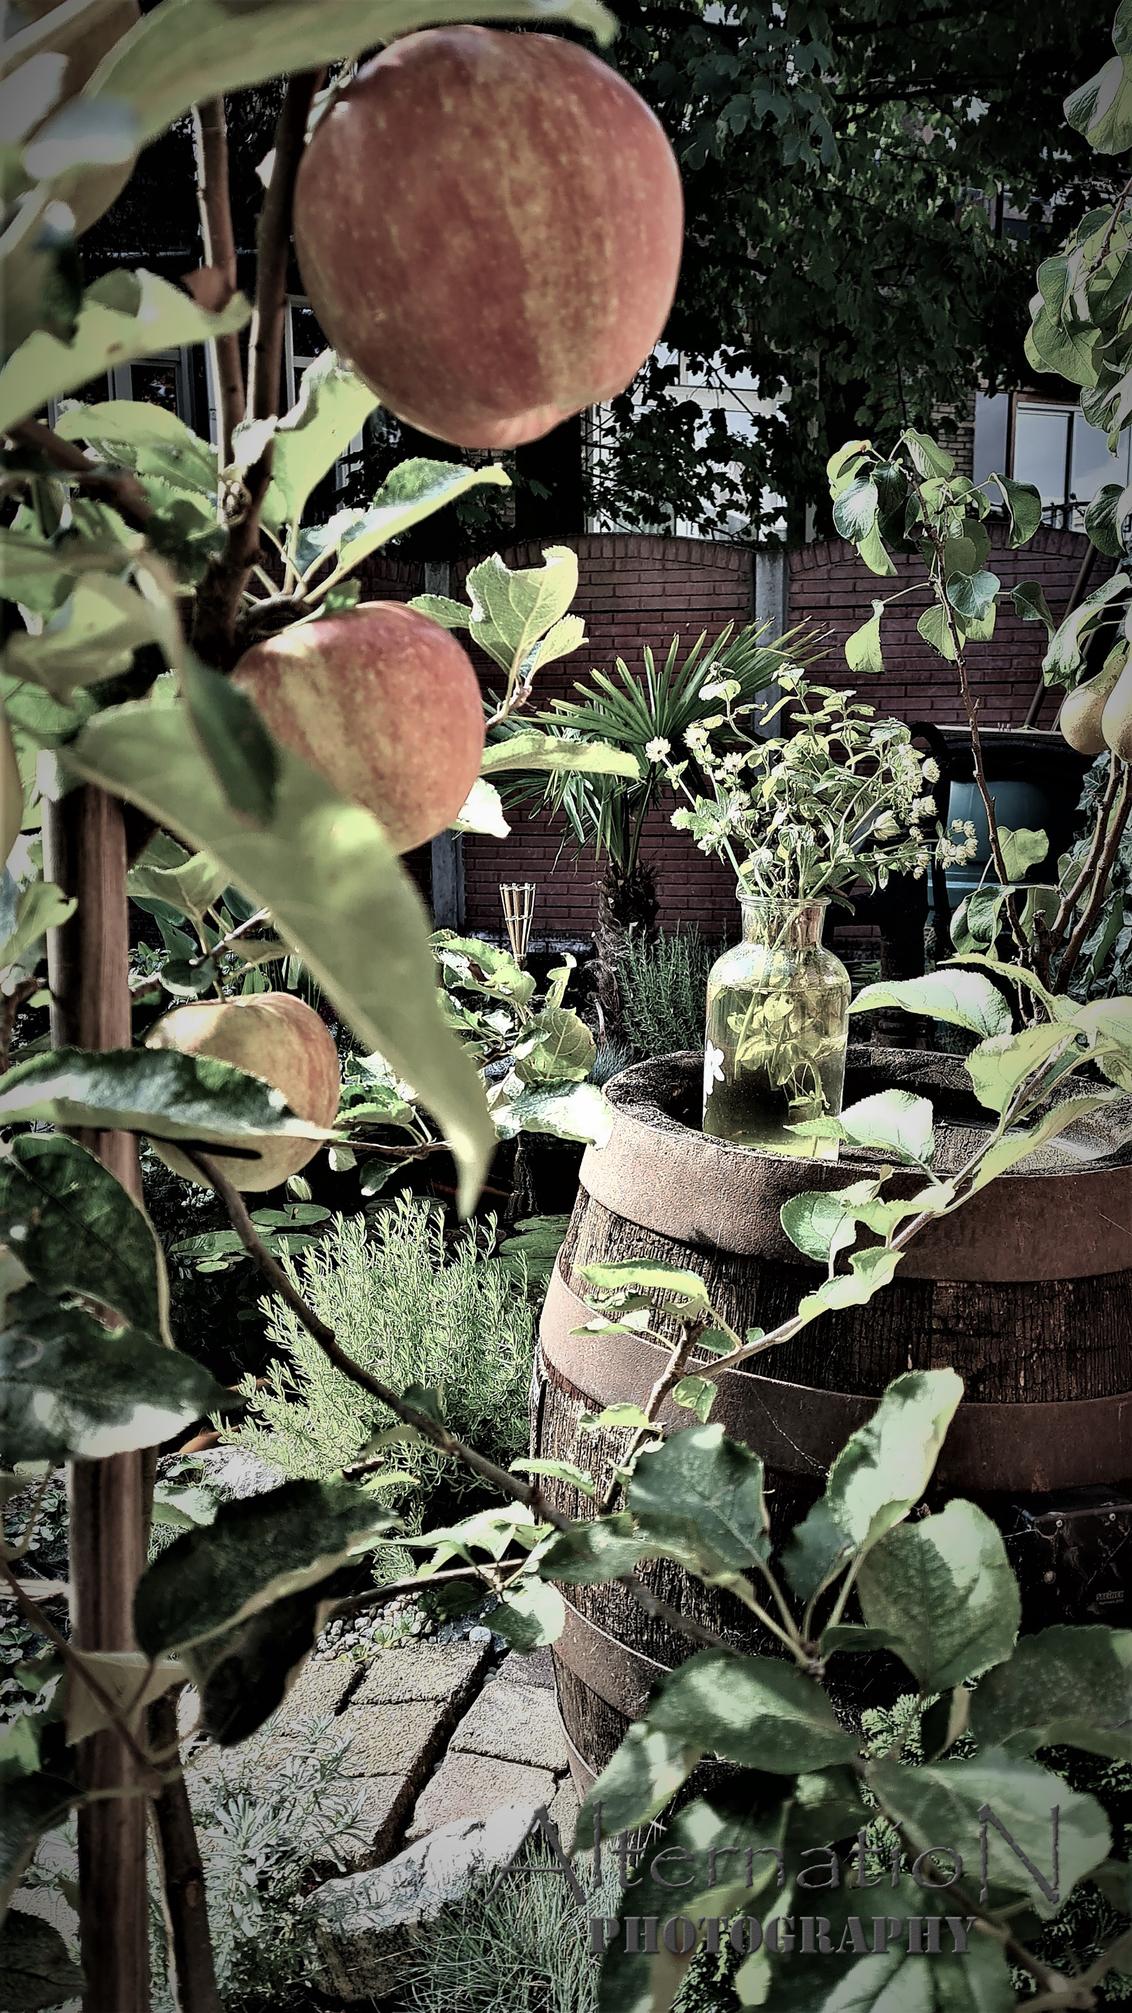 Tutti Frutti - - - foto door AlternatioN photography op 28-09-2020 - deze foto bevat: groen, rood, kleur, zon, boom, bloem, abstract, water, natuur, geel, licht, herfst, tuin, blad, appel, schaduw, culinair, nederland, peren, details, appelboom, perenboom, stadstuin